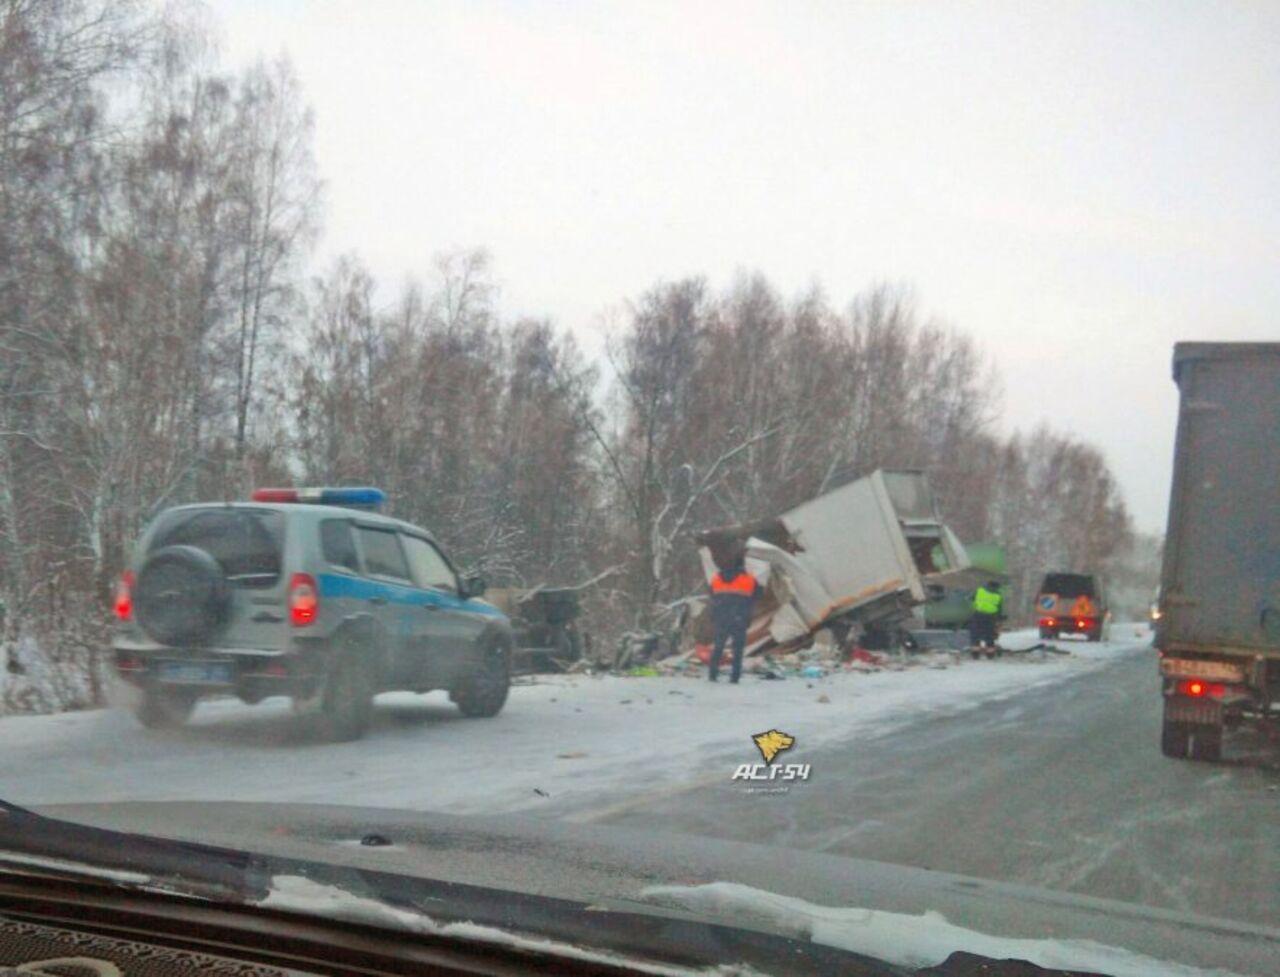 Кемеровский грузовой автомобиль устроил массовое ДТП нафедеральной трассе